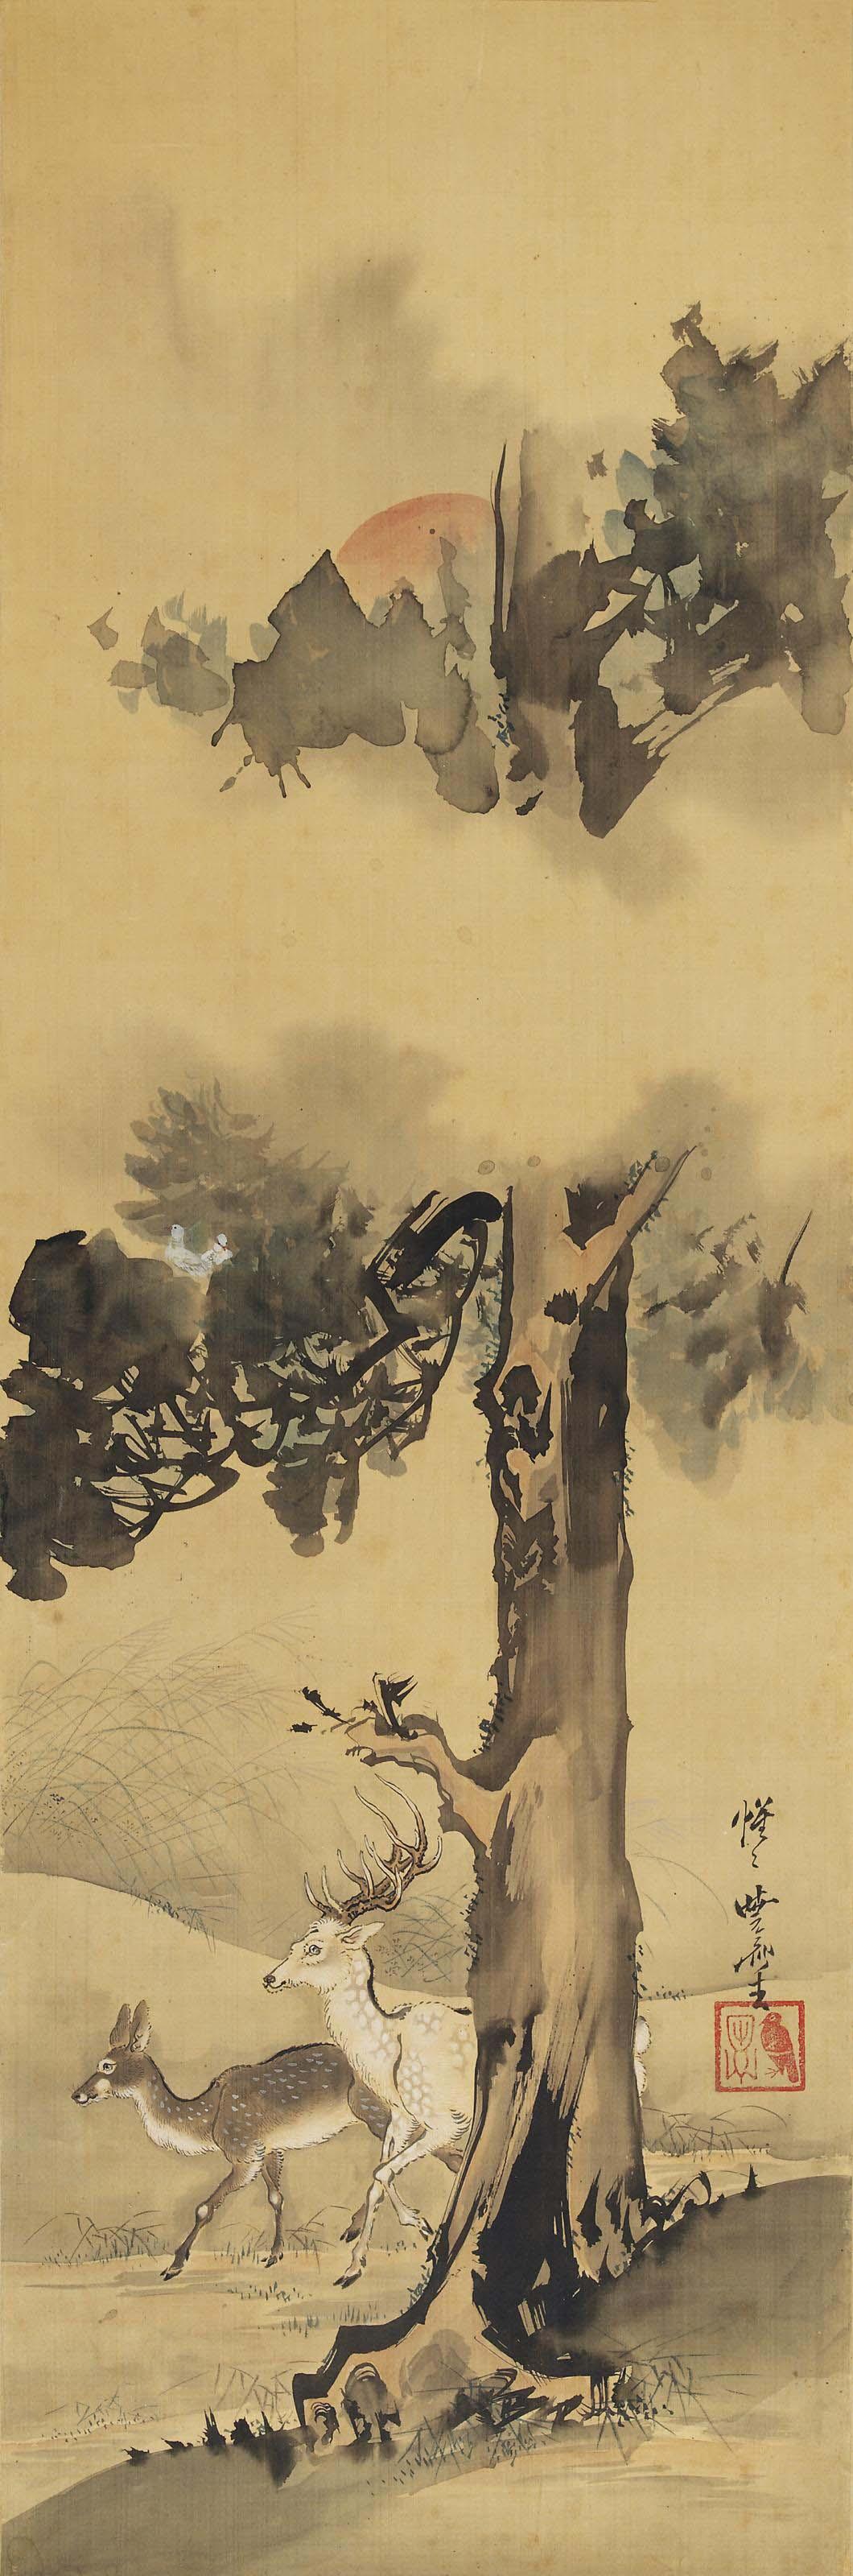 Kawanabe Kyosai (1831-1889)